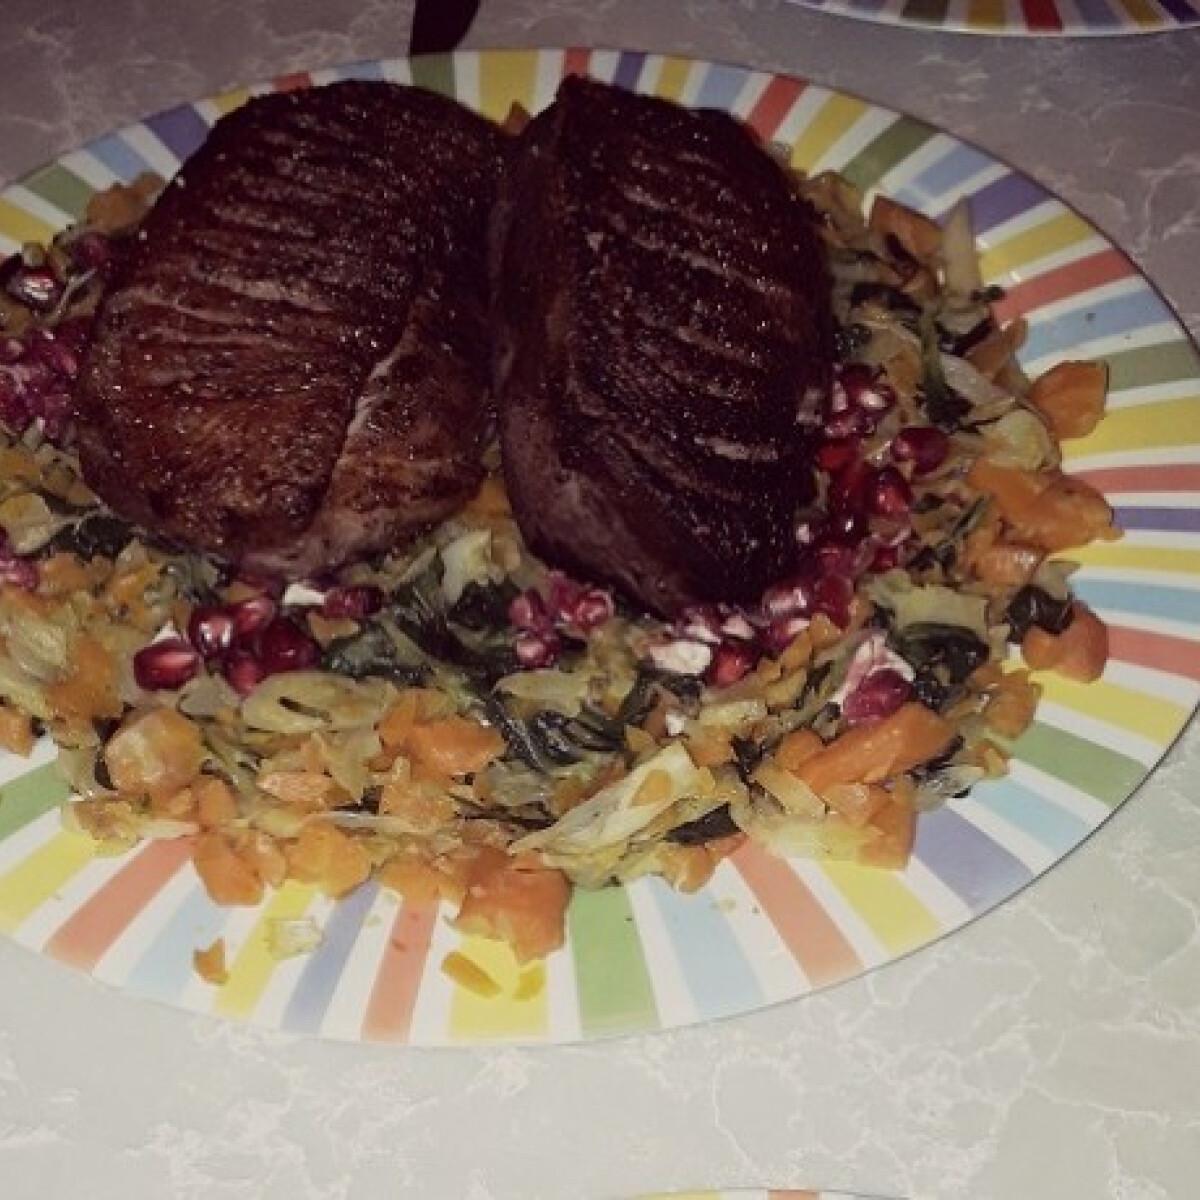 Frissen sült libamell meleg salátával